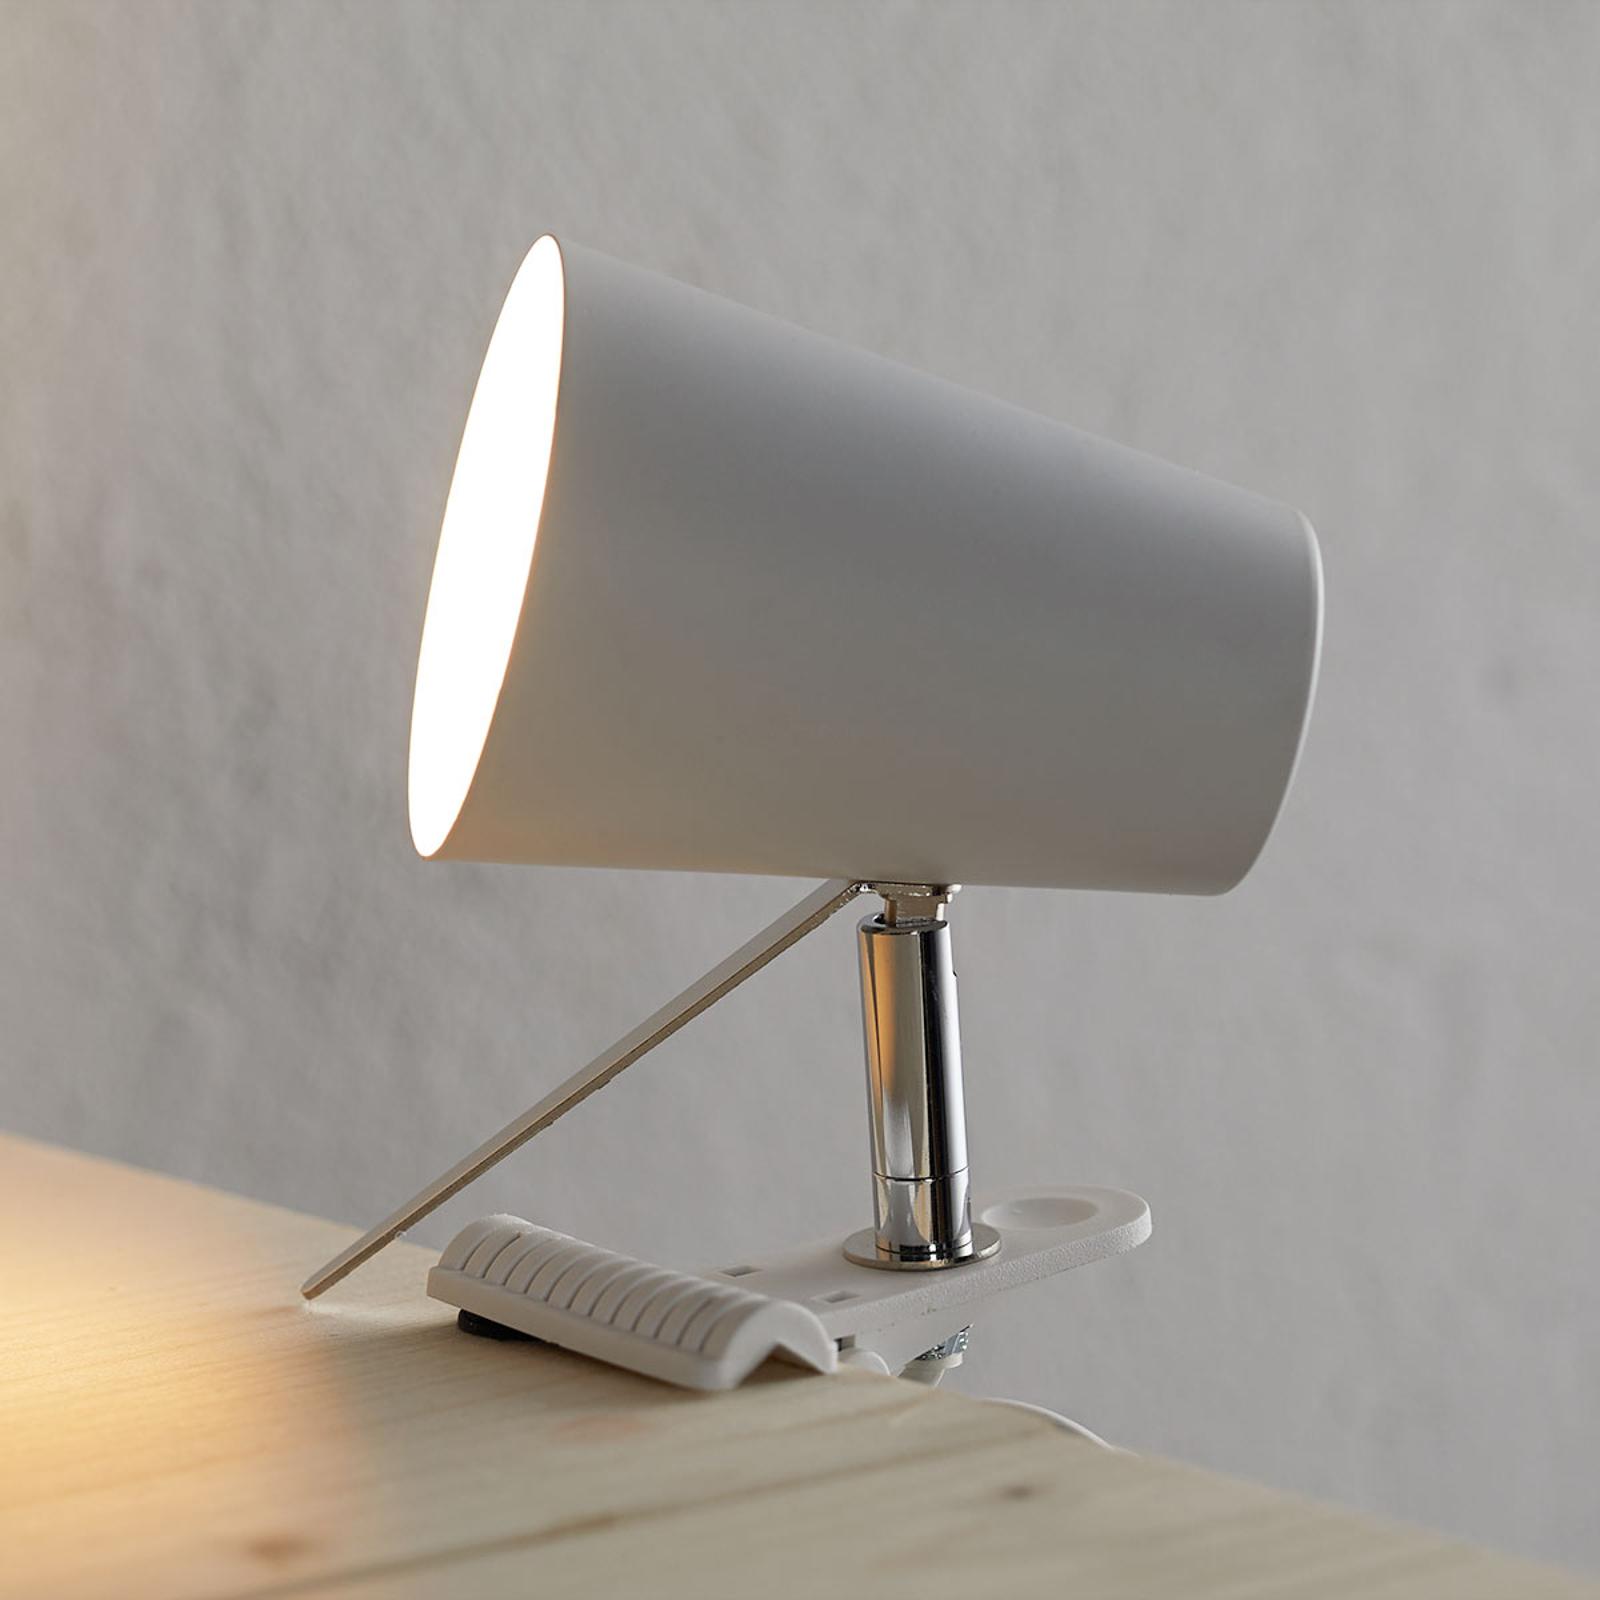 Valkoinen klipsivalaisin Clampspots moderni design